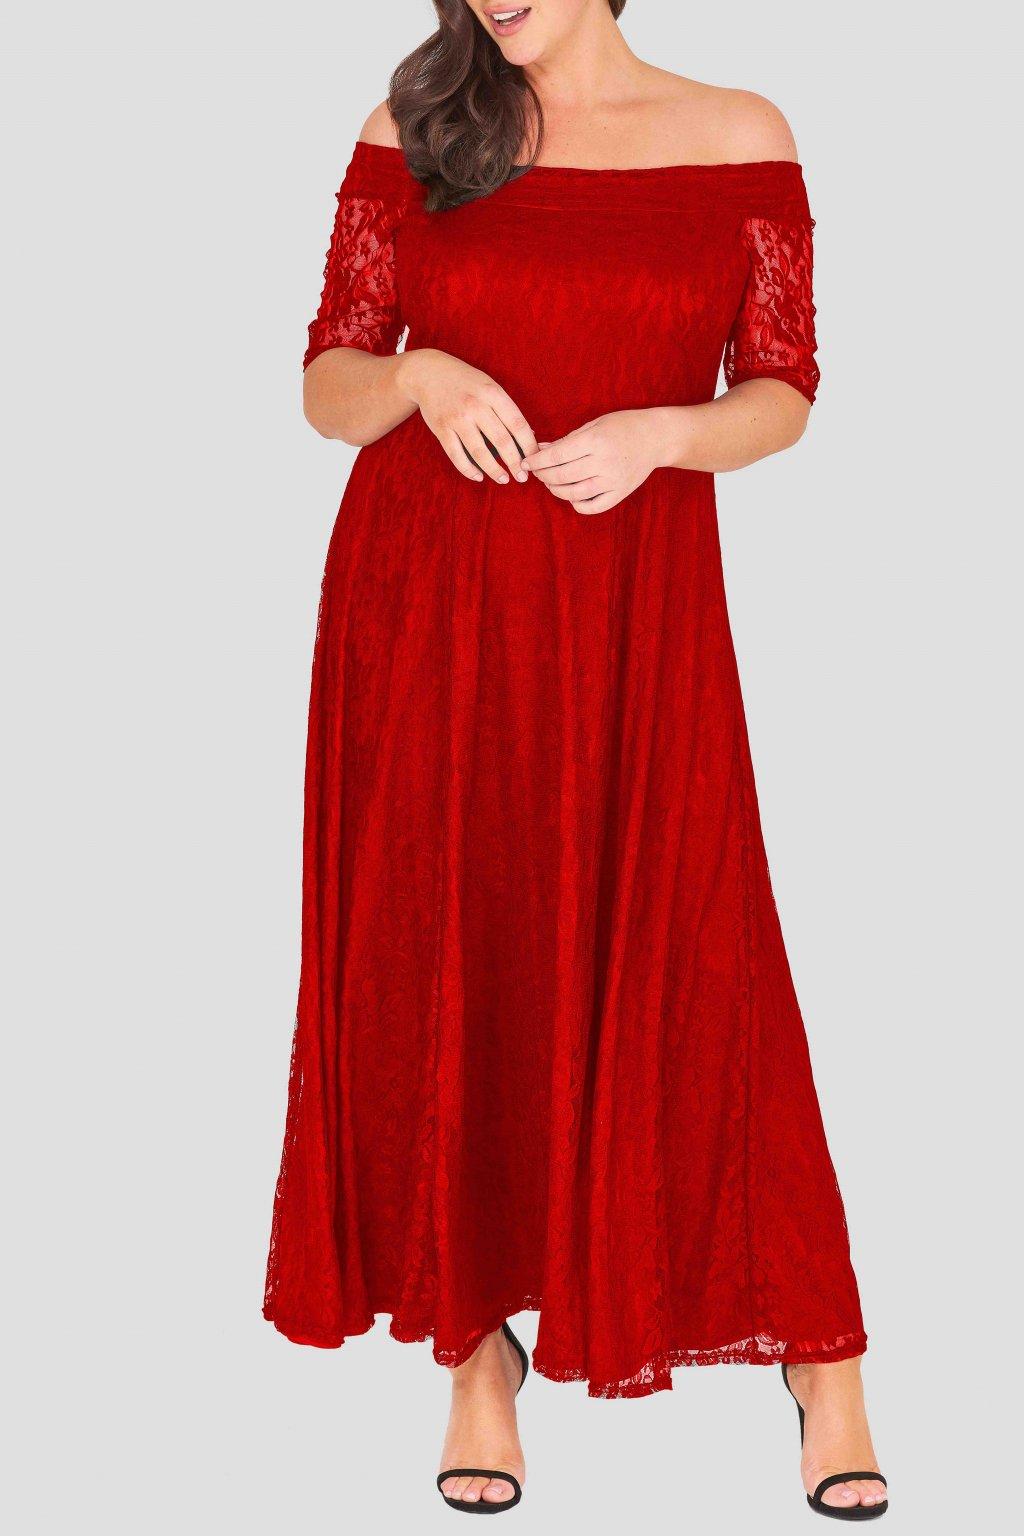 07c9f08cc Bellazu - Krásná móda pro baculky. Obchod s krásným oblečením i v  nadměrných velikostech